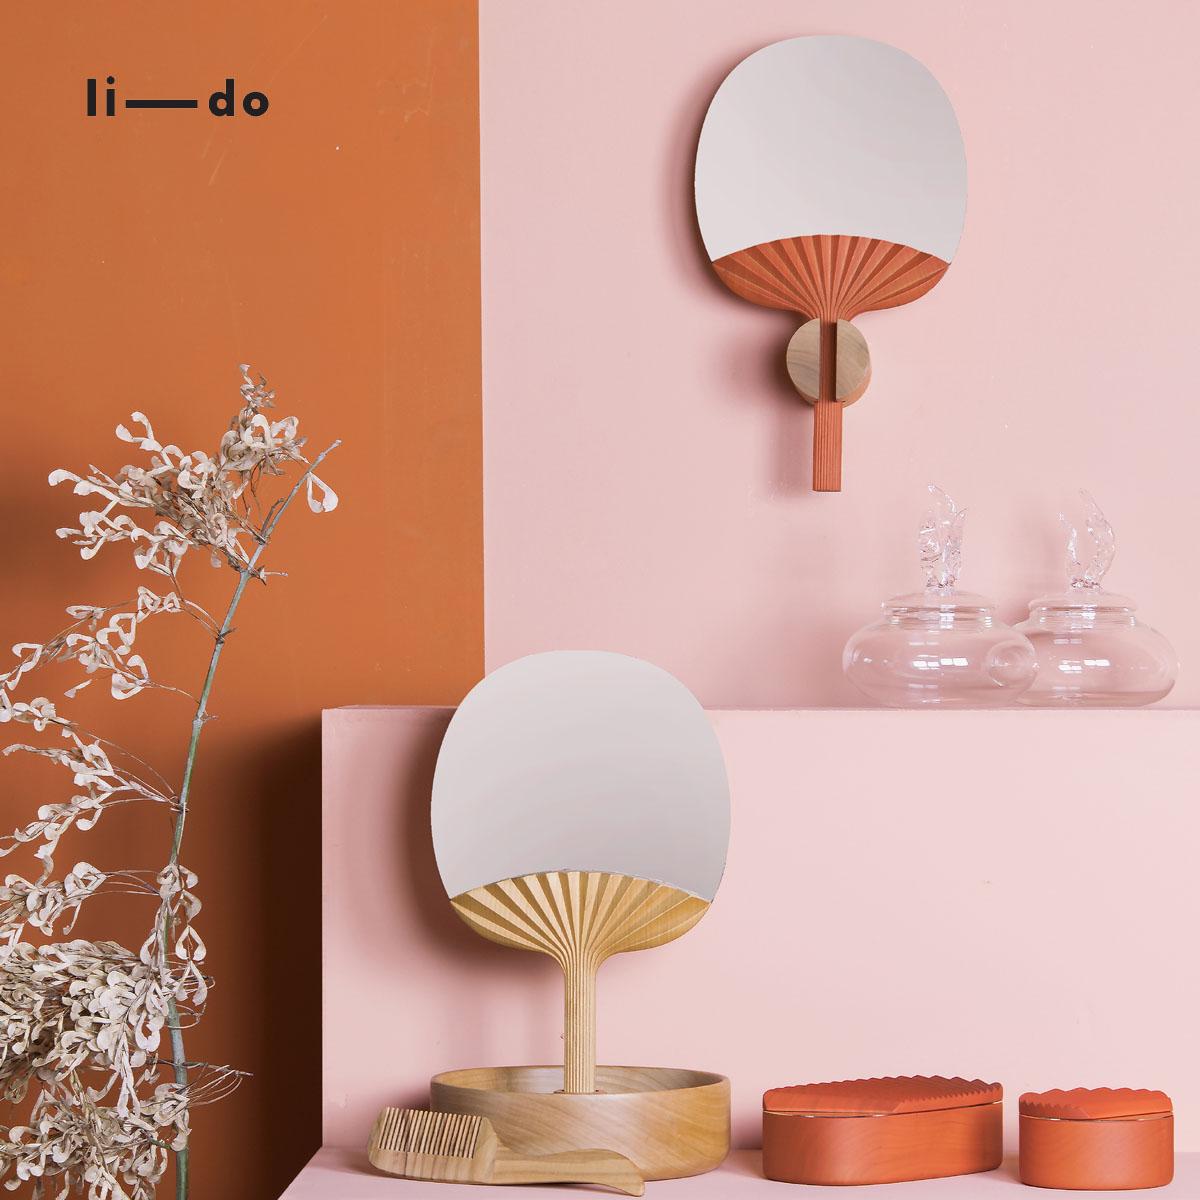 Studio Li-Do